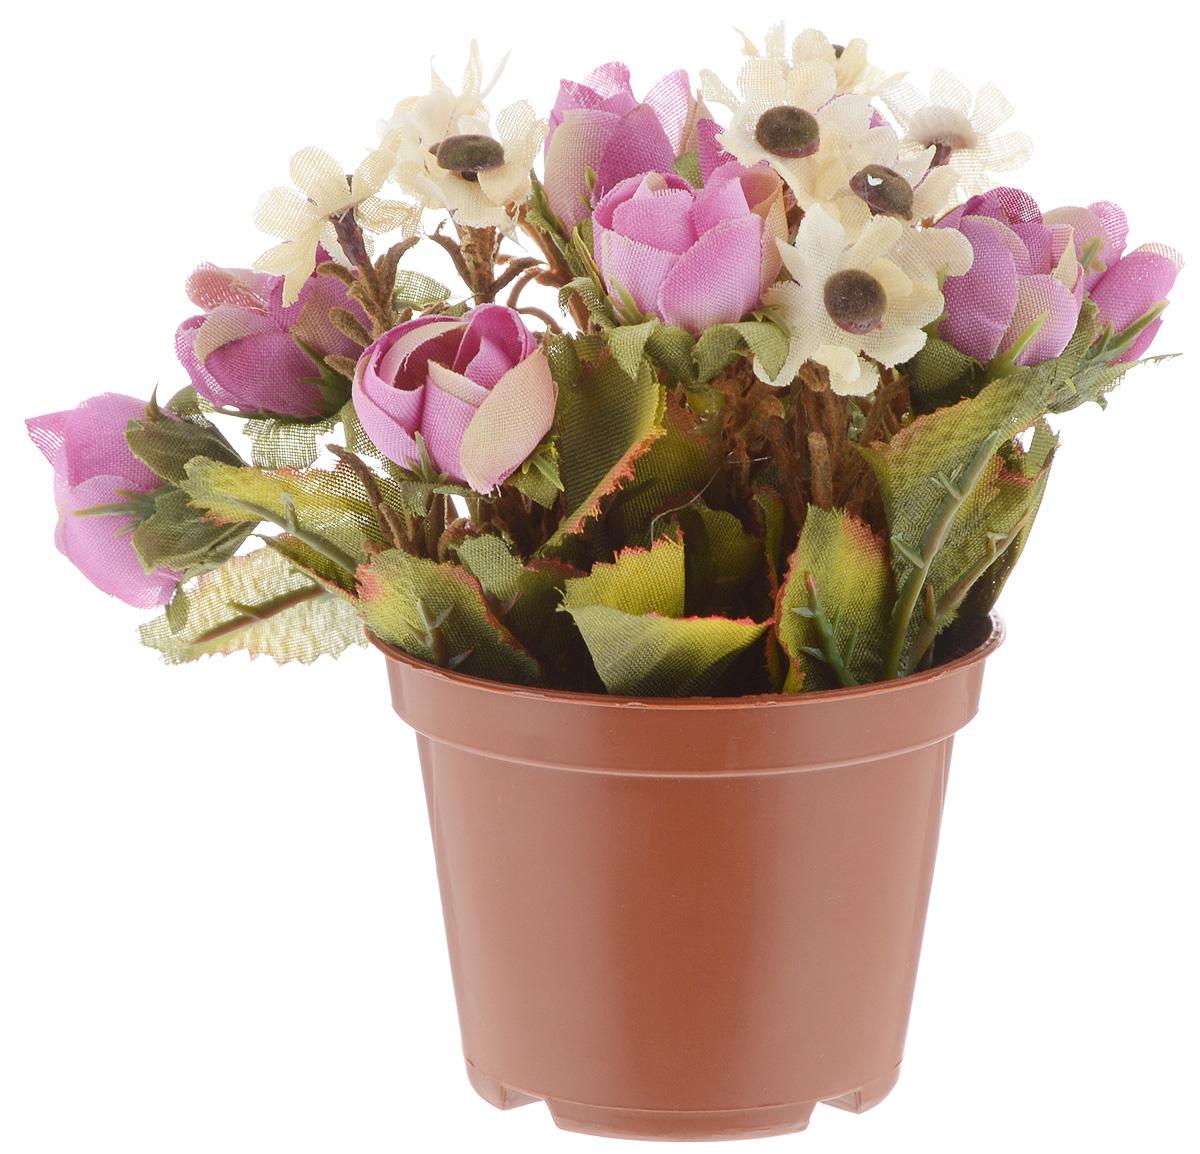 Растение искусственное для мини-сада Bloom`its, цвет: фиолетовый, зеленый, коричневый, высота 13 смMB860Искусственное растение Bloomits поможет создать свой собственный мини-сад. Заниматься ландшафтным дизайном и декором теперь можно, даже если у вас нет своего загородного дома, причем не выходя из дома. Устройте себе удовольствие садовода, собирая миниатюрные фигурки и составляя из них различные композиции. Объедините миниатюрные изделия в емкости (керамический горшок, корзина, деревянный ящик или стеклянная посуда) и добавьте мини-растения. Это не только поможет увлекательно провести время, раскрывая ваше воображение и фантазию, результат работы станет стильным и необычным украшением интерьера.